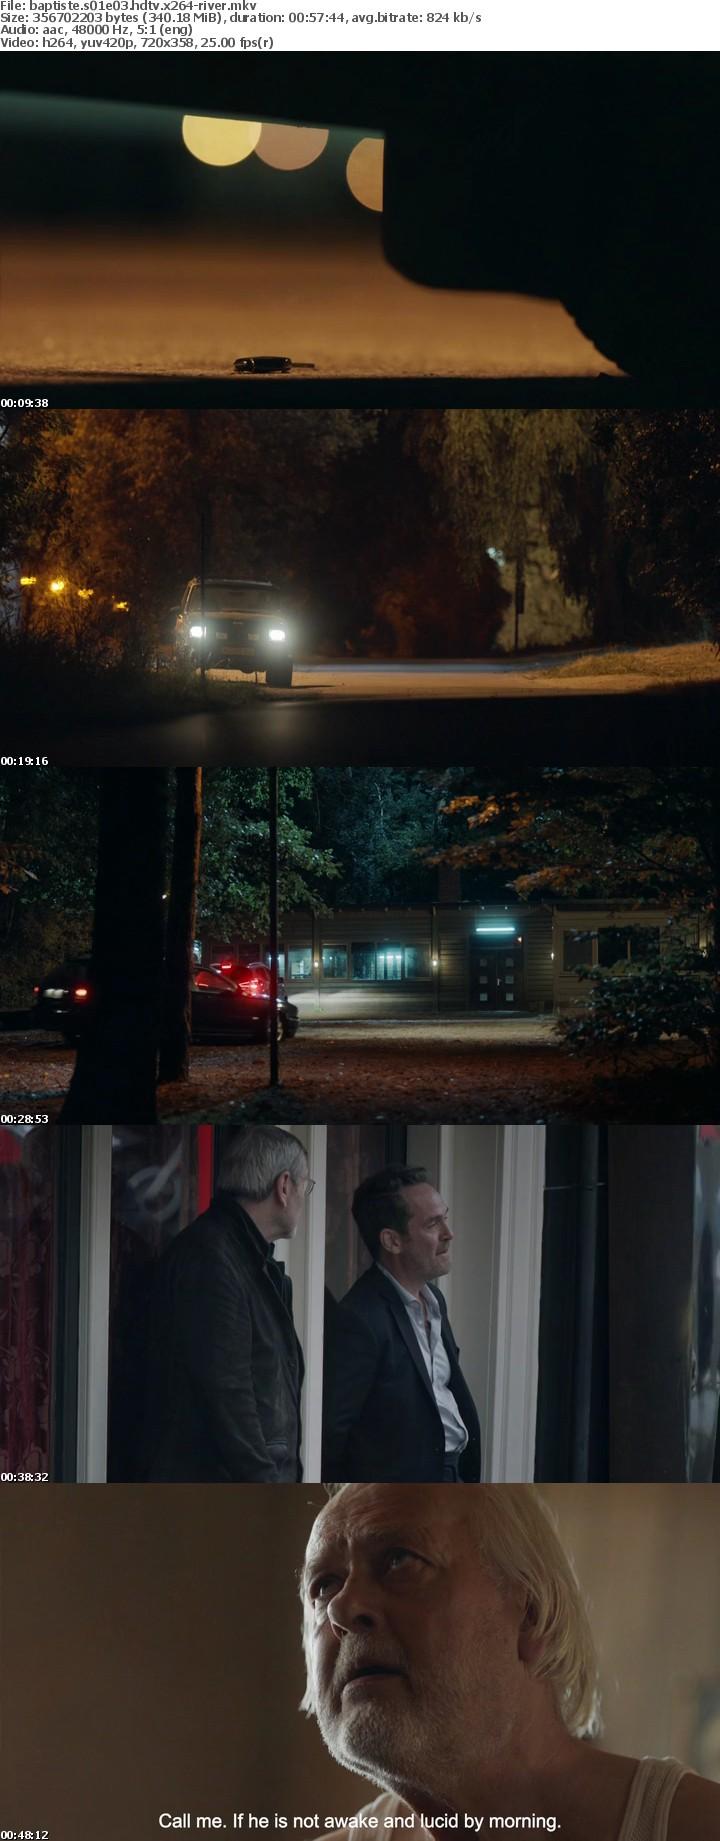 Baptiste S01E03 HDTV x264-RiVER